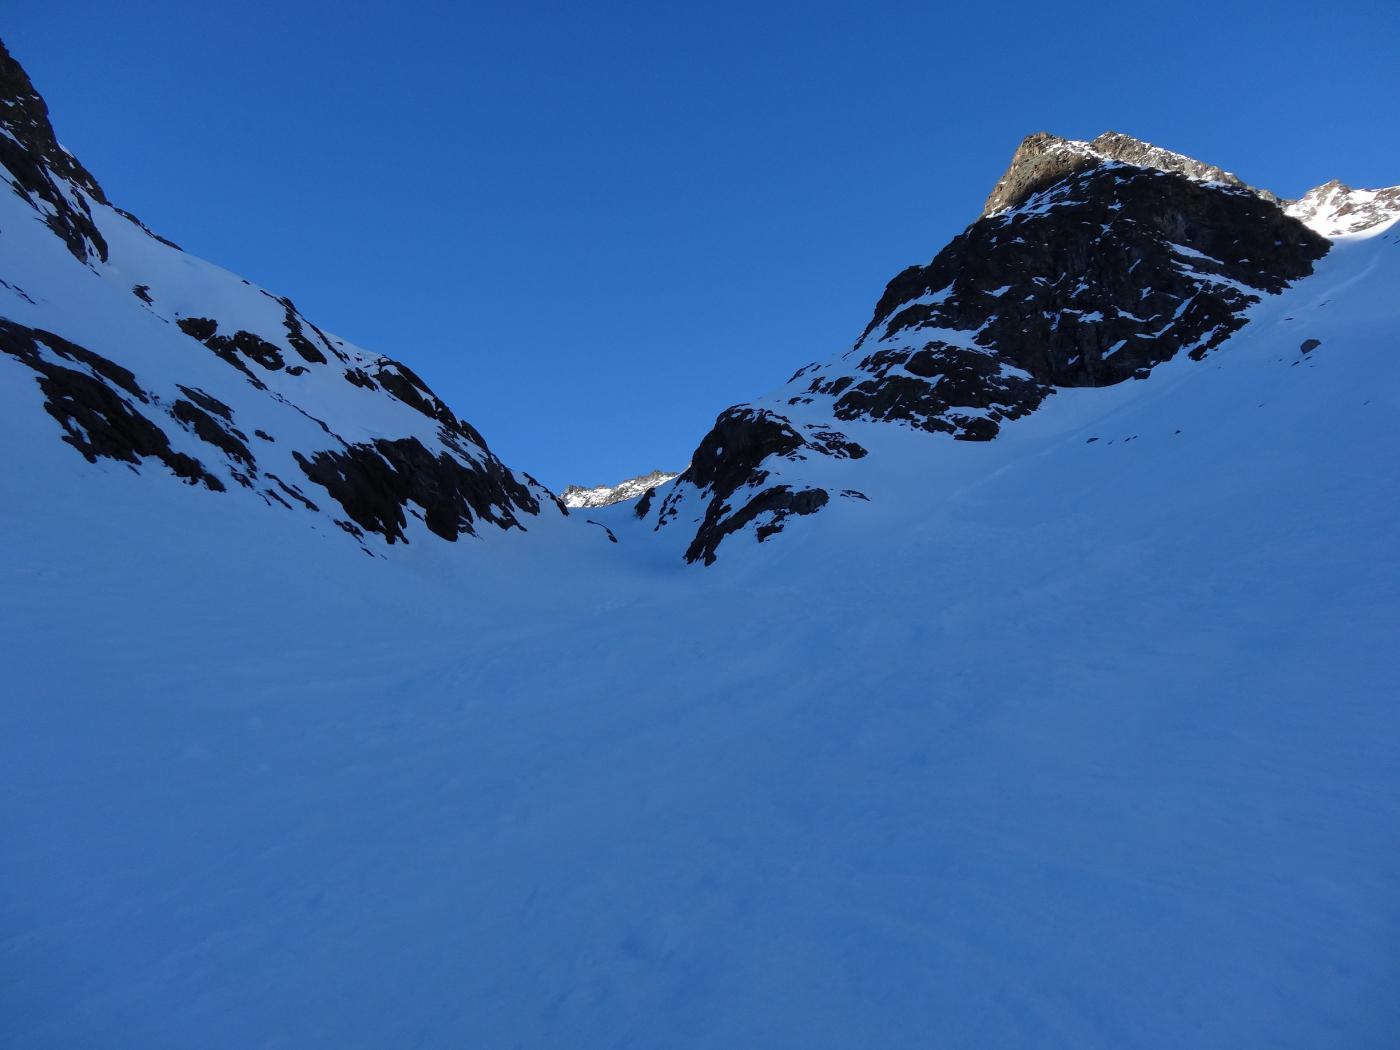 canale per arrivare sul ghiacciao